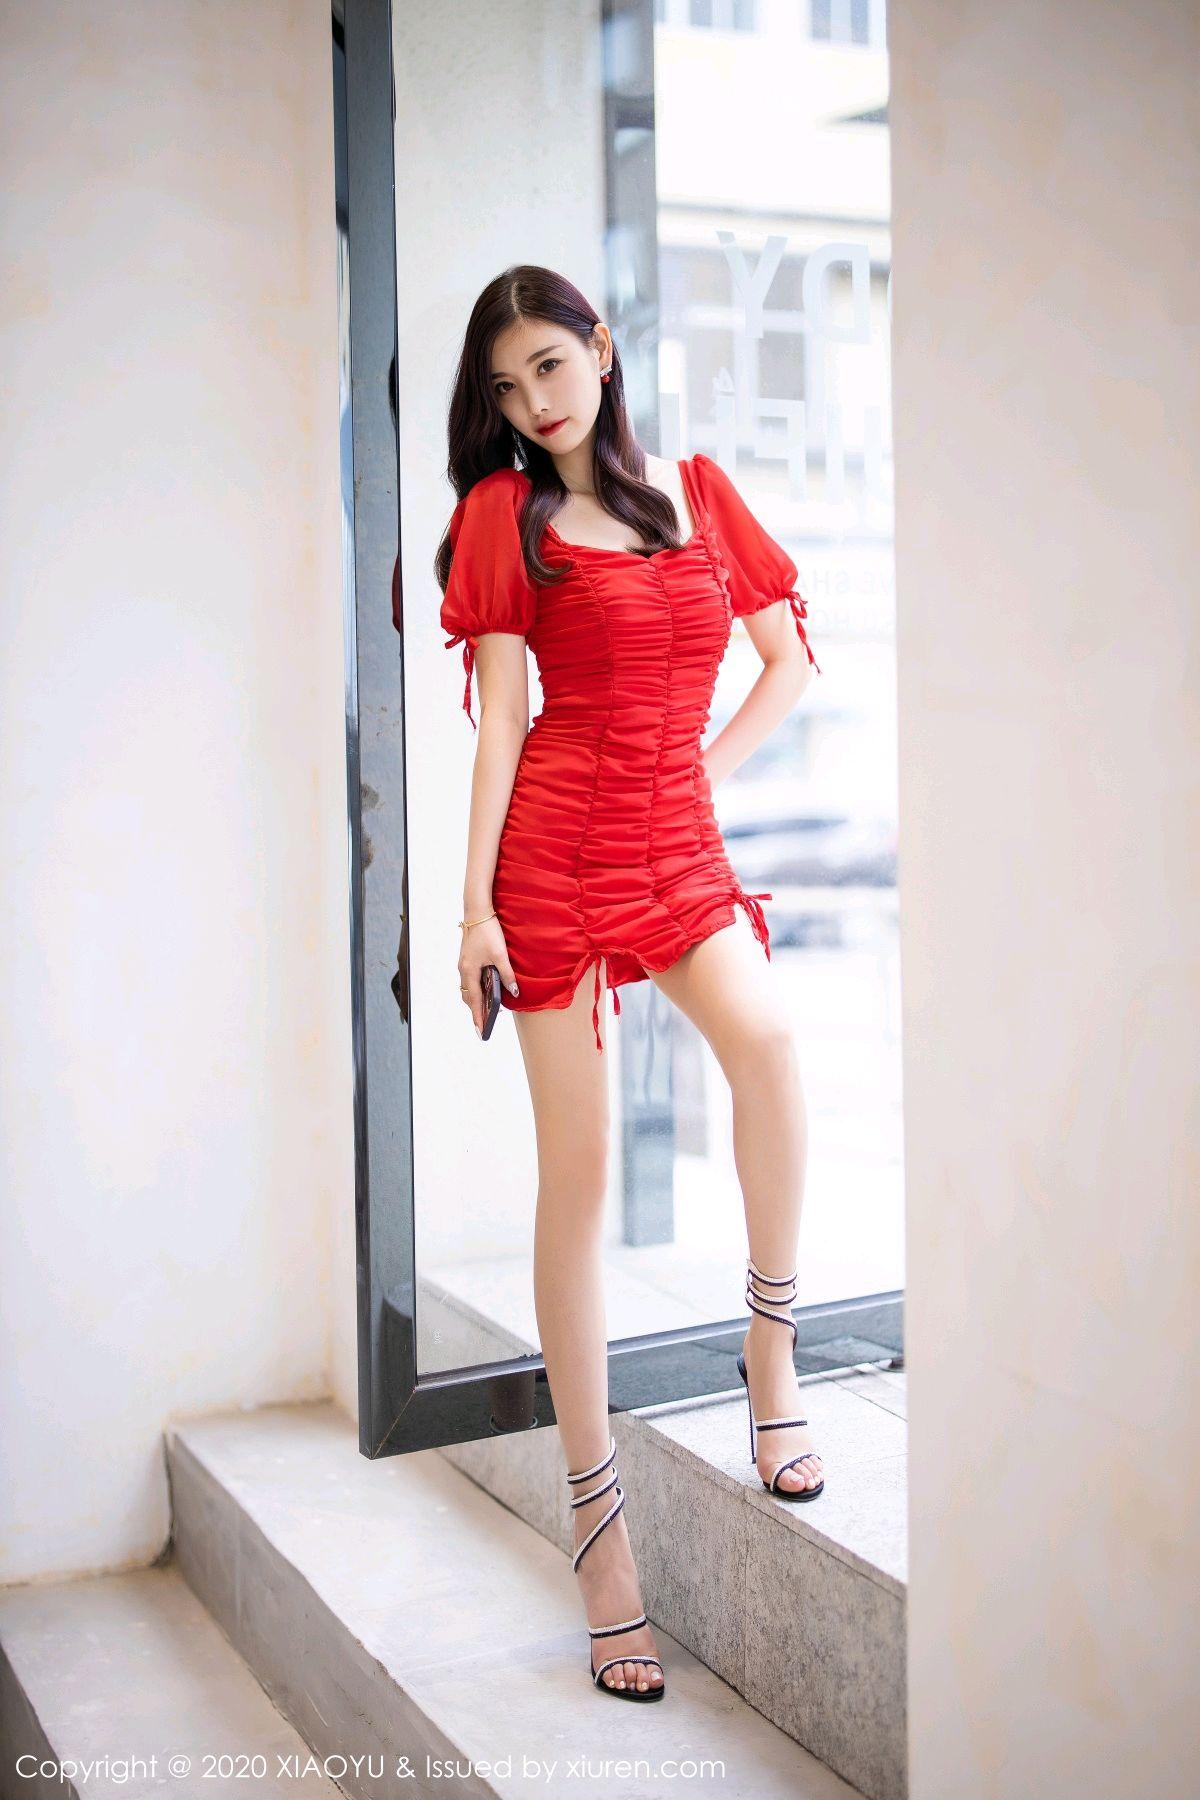 [XiaoYu] Vol.326 Yang Chen Chen 2P, Tall, XiaoYu, Yang Chen Chen